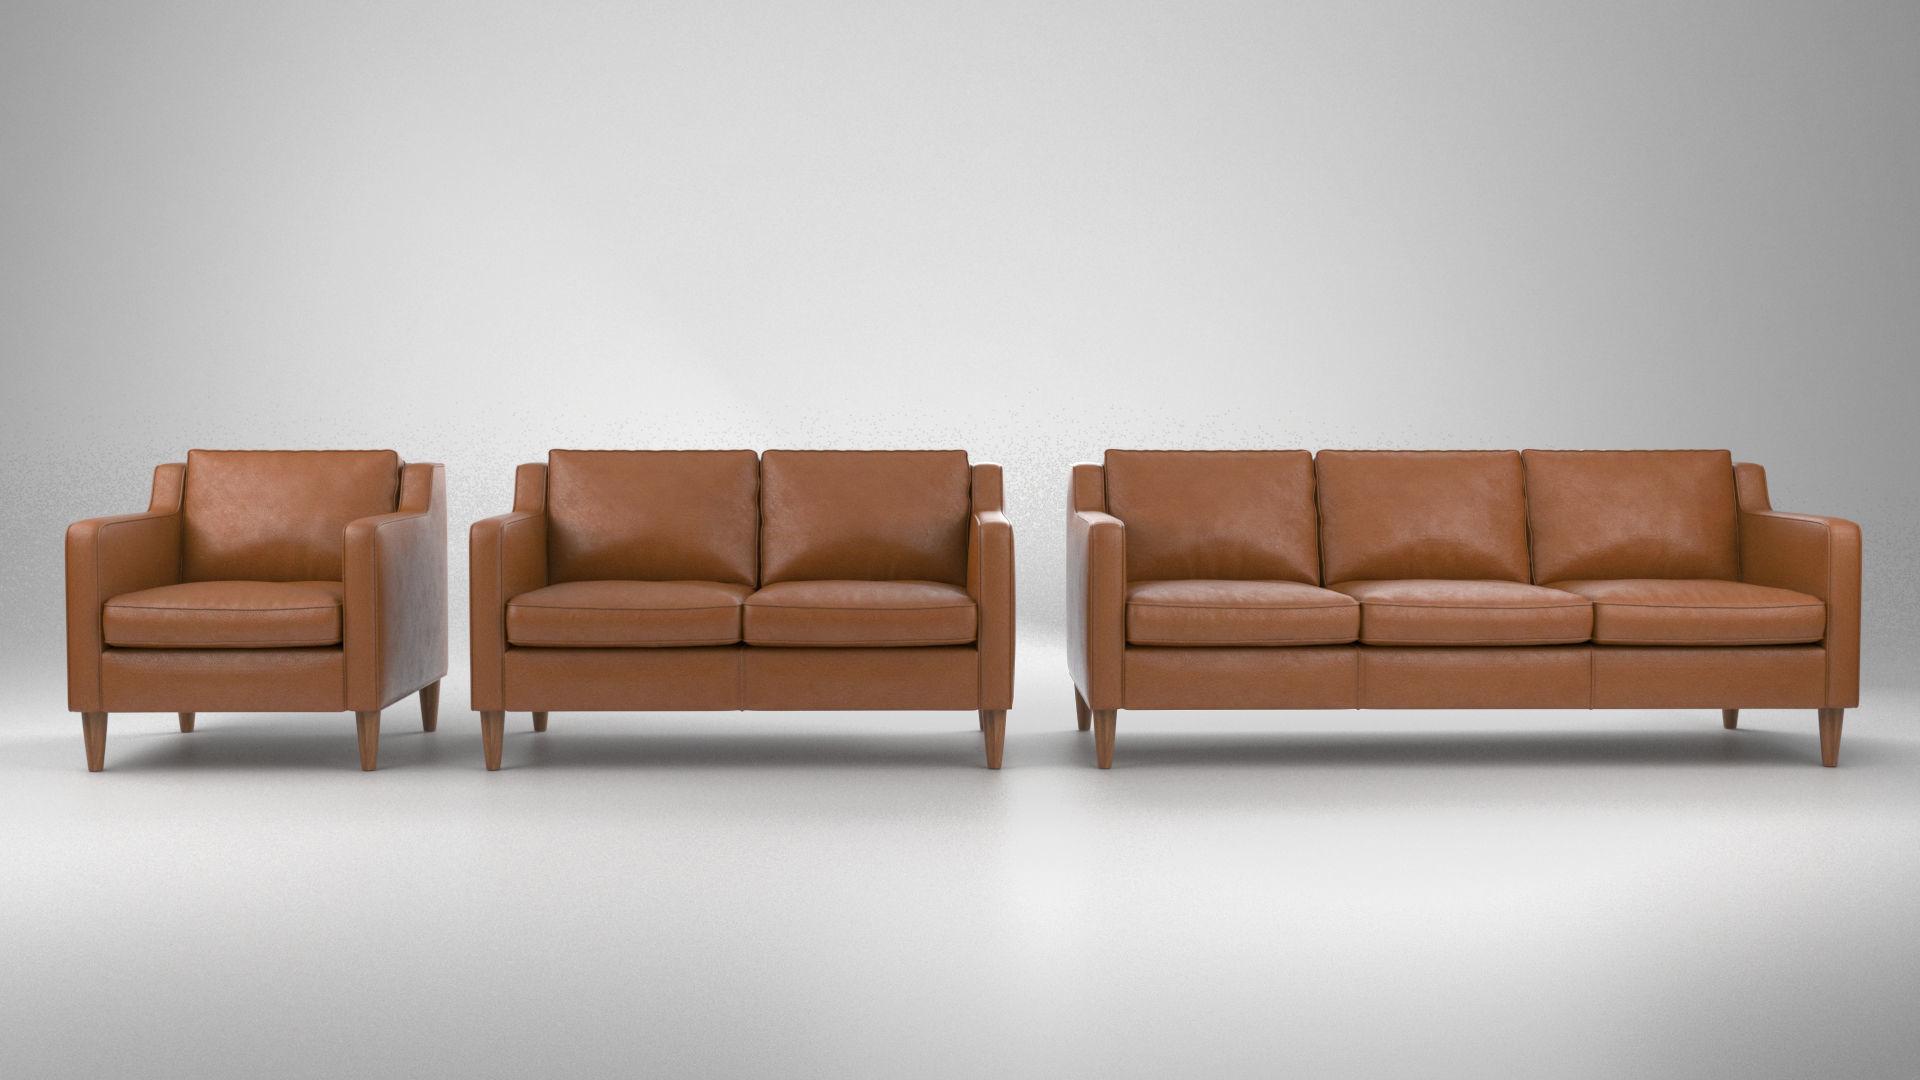 Hamilton Sofa Mega Pack Cgtrader